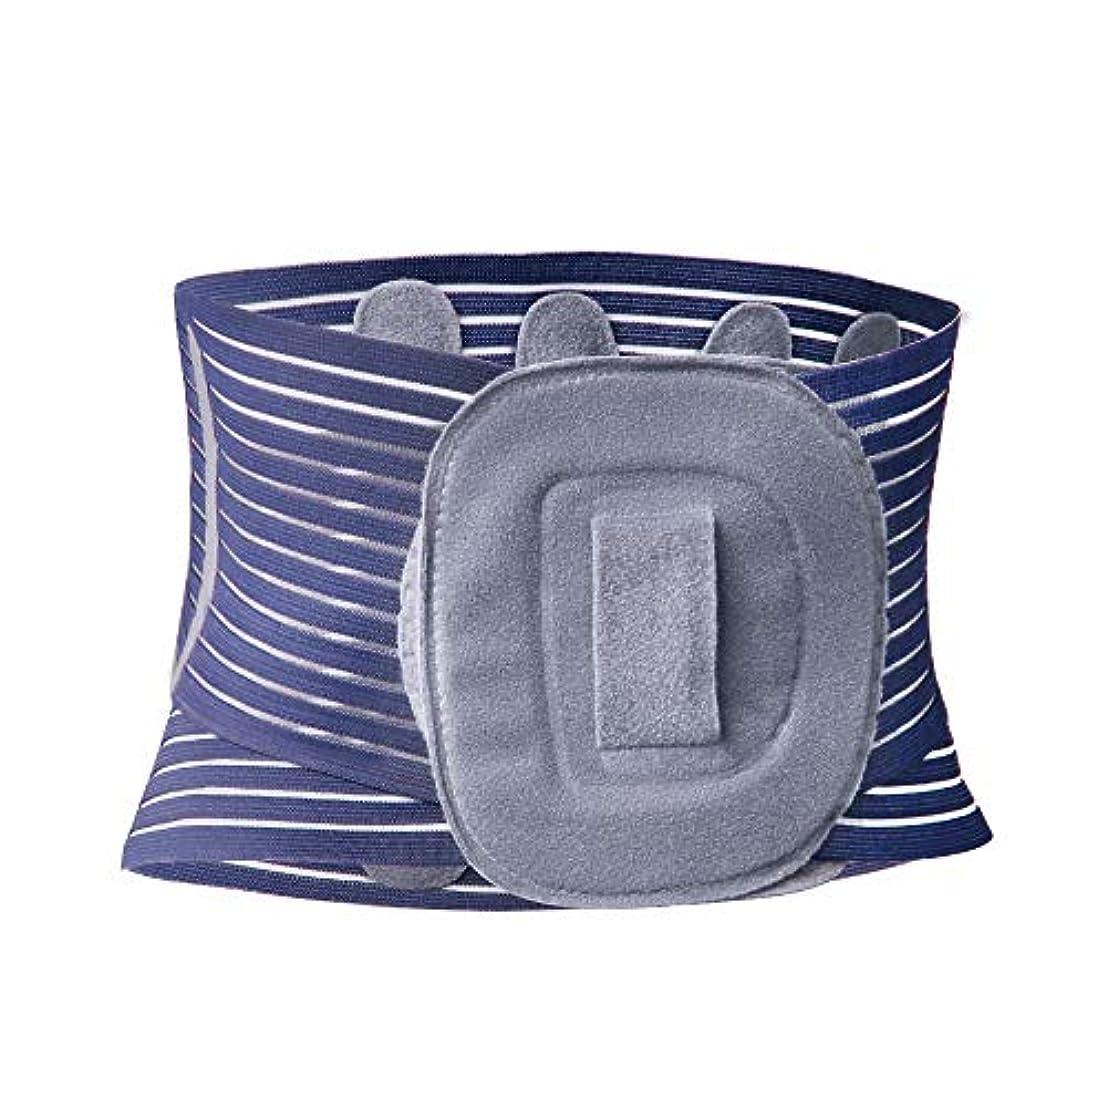 拡張ウォーターフロント失うSAYOKO 腰痛 サポートベルト コルセット 腰 サポーター 薄型 通気 加圧 腰椎固定/保護 シェイプアップ 男女兼用